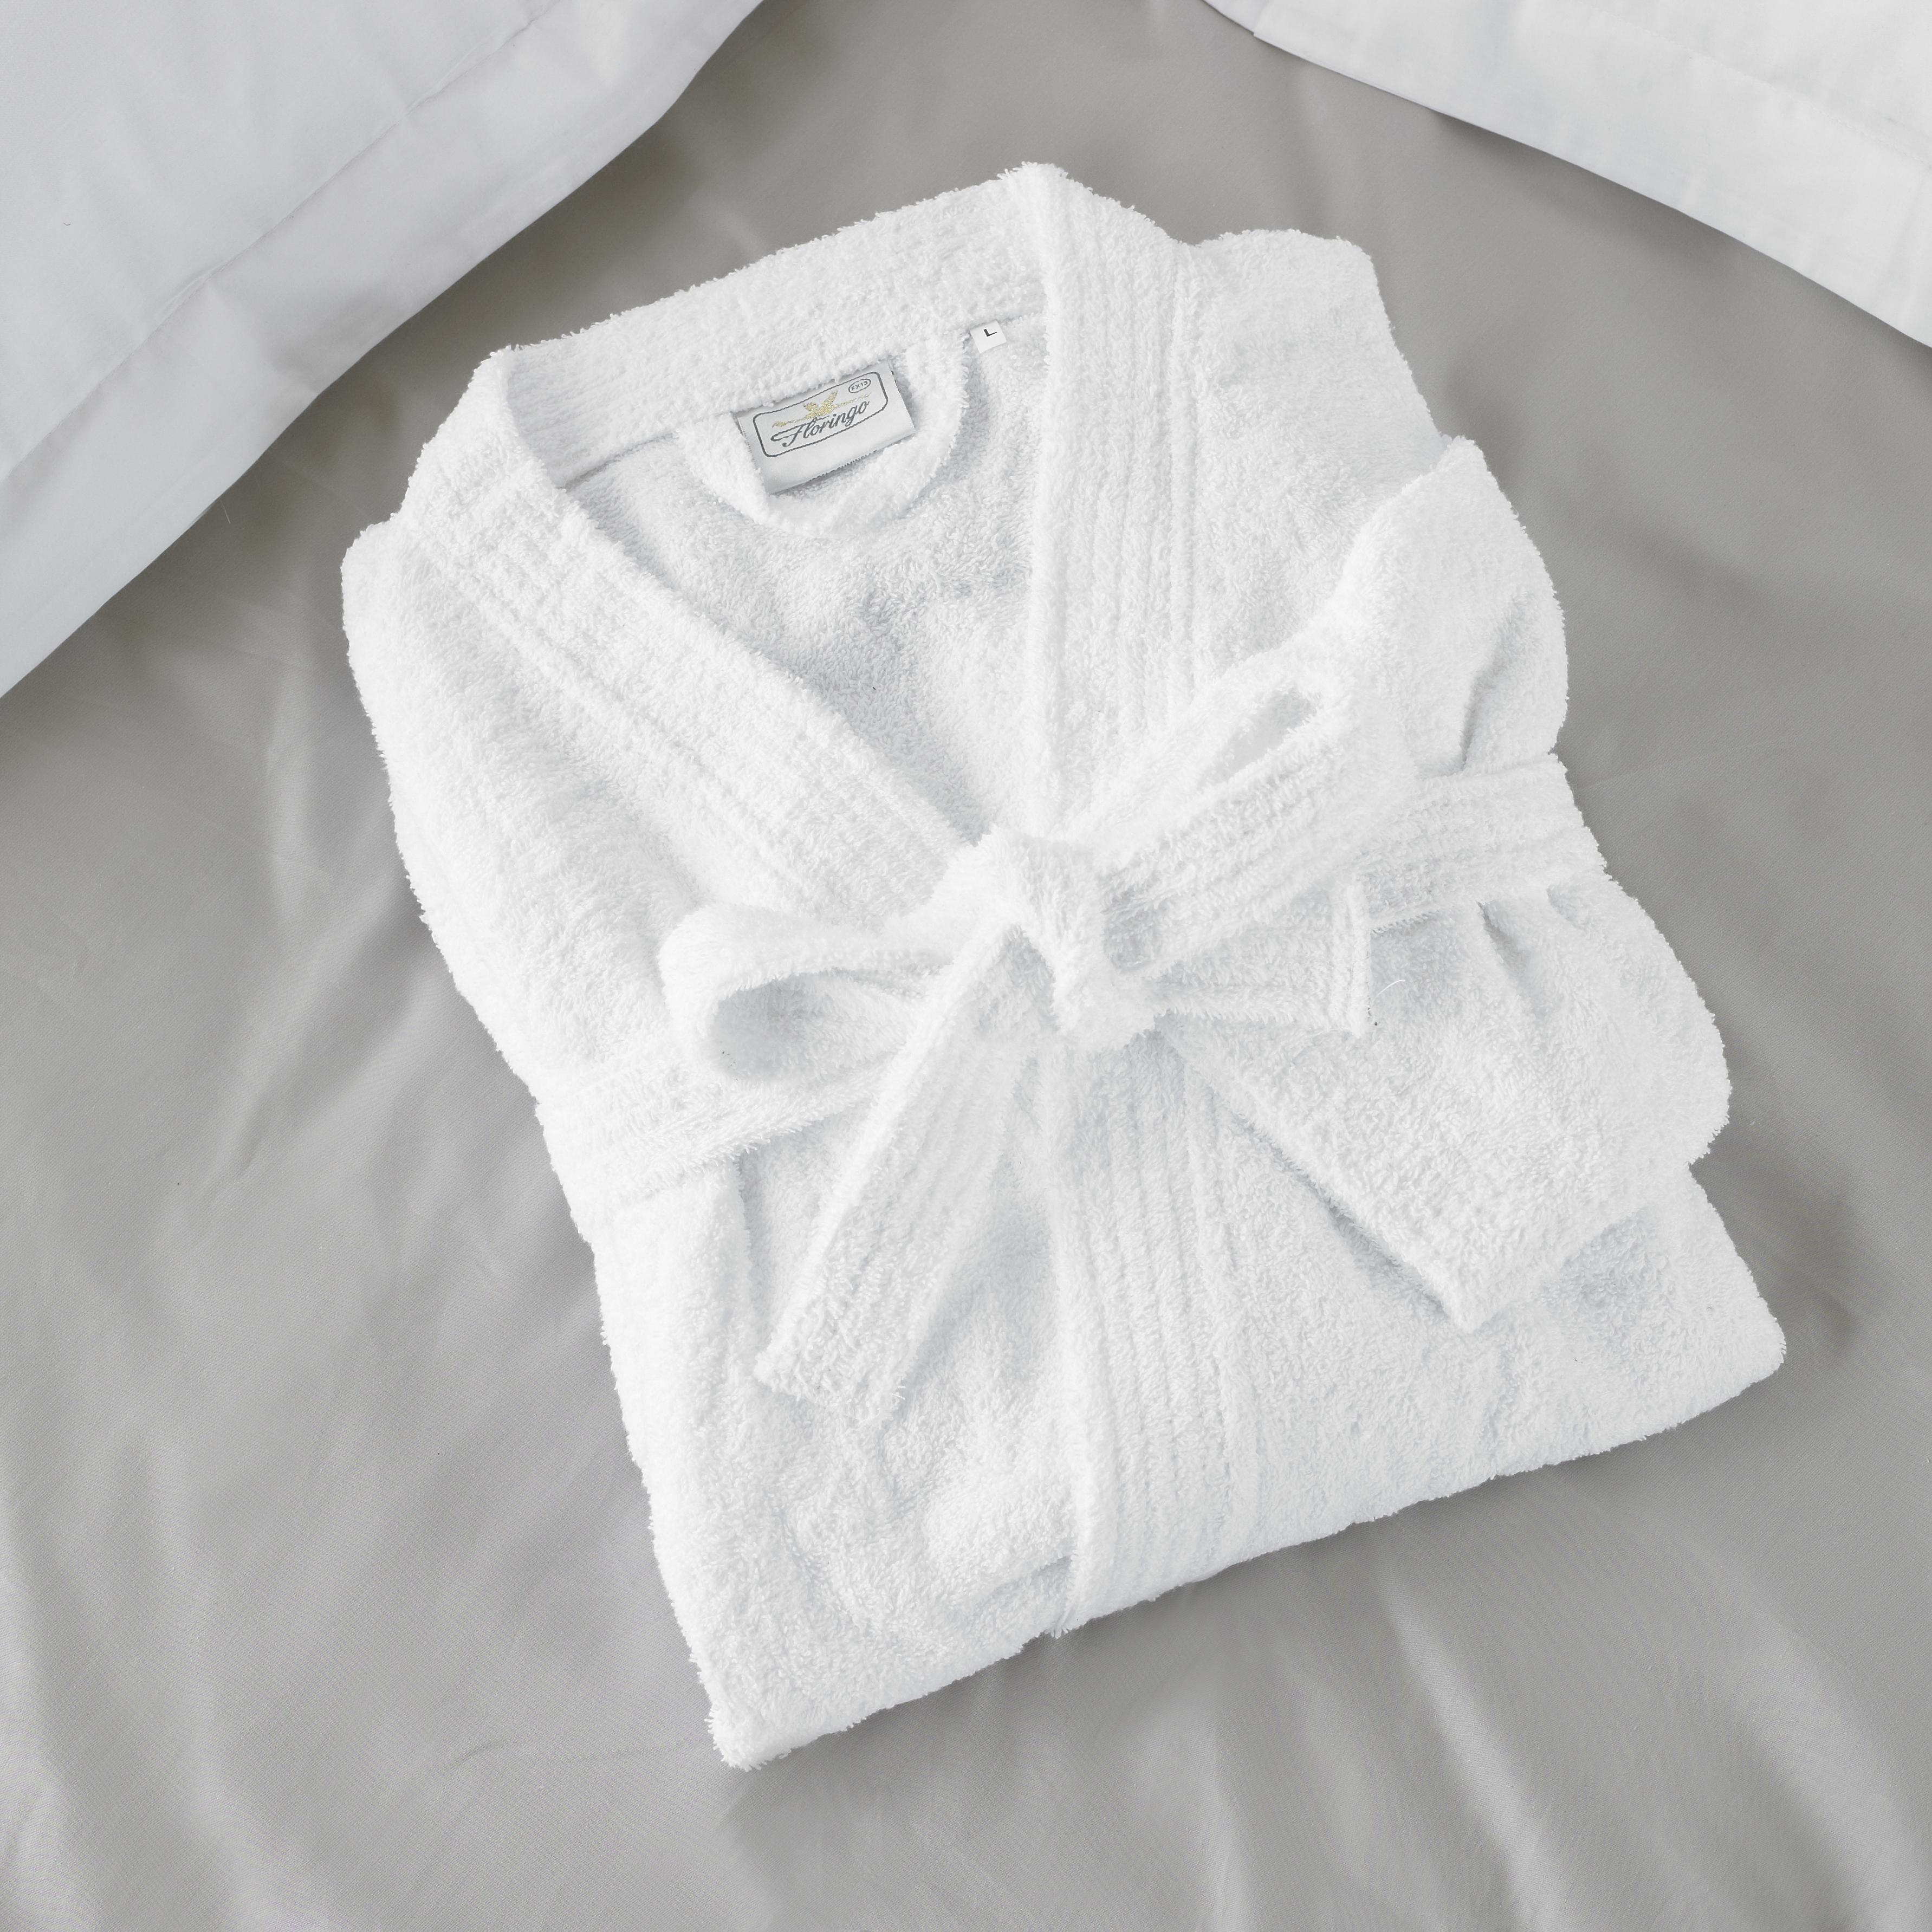 Kimono Style Terry Bathrobes